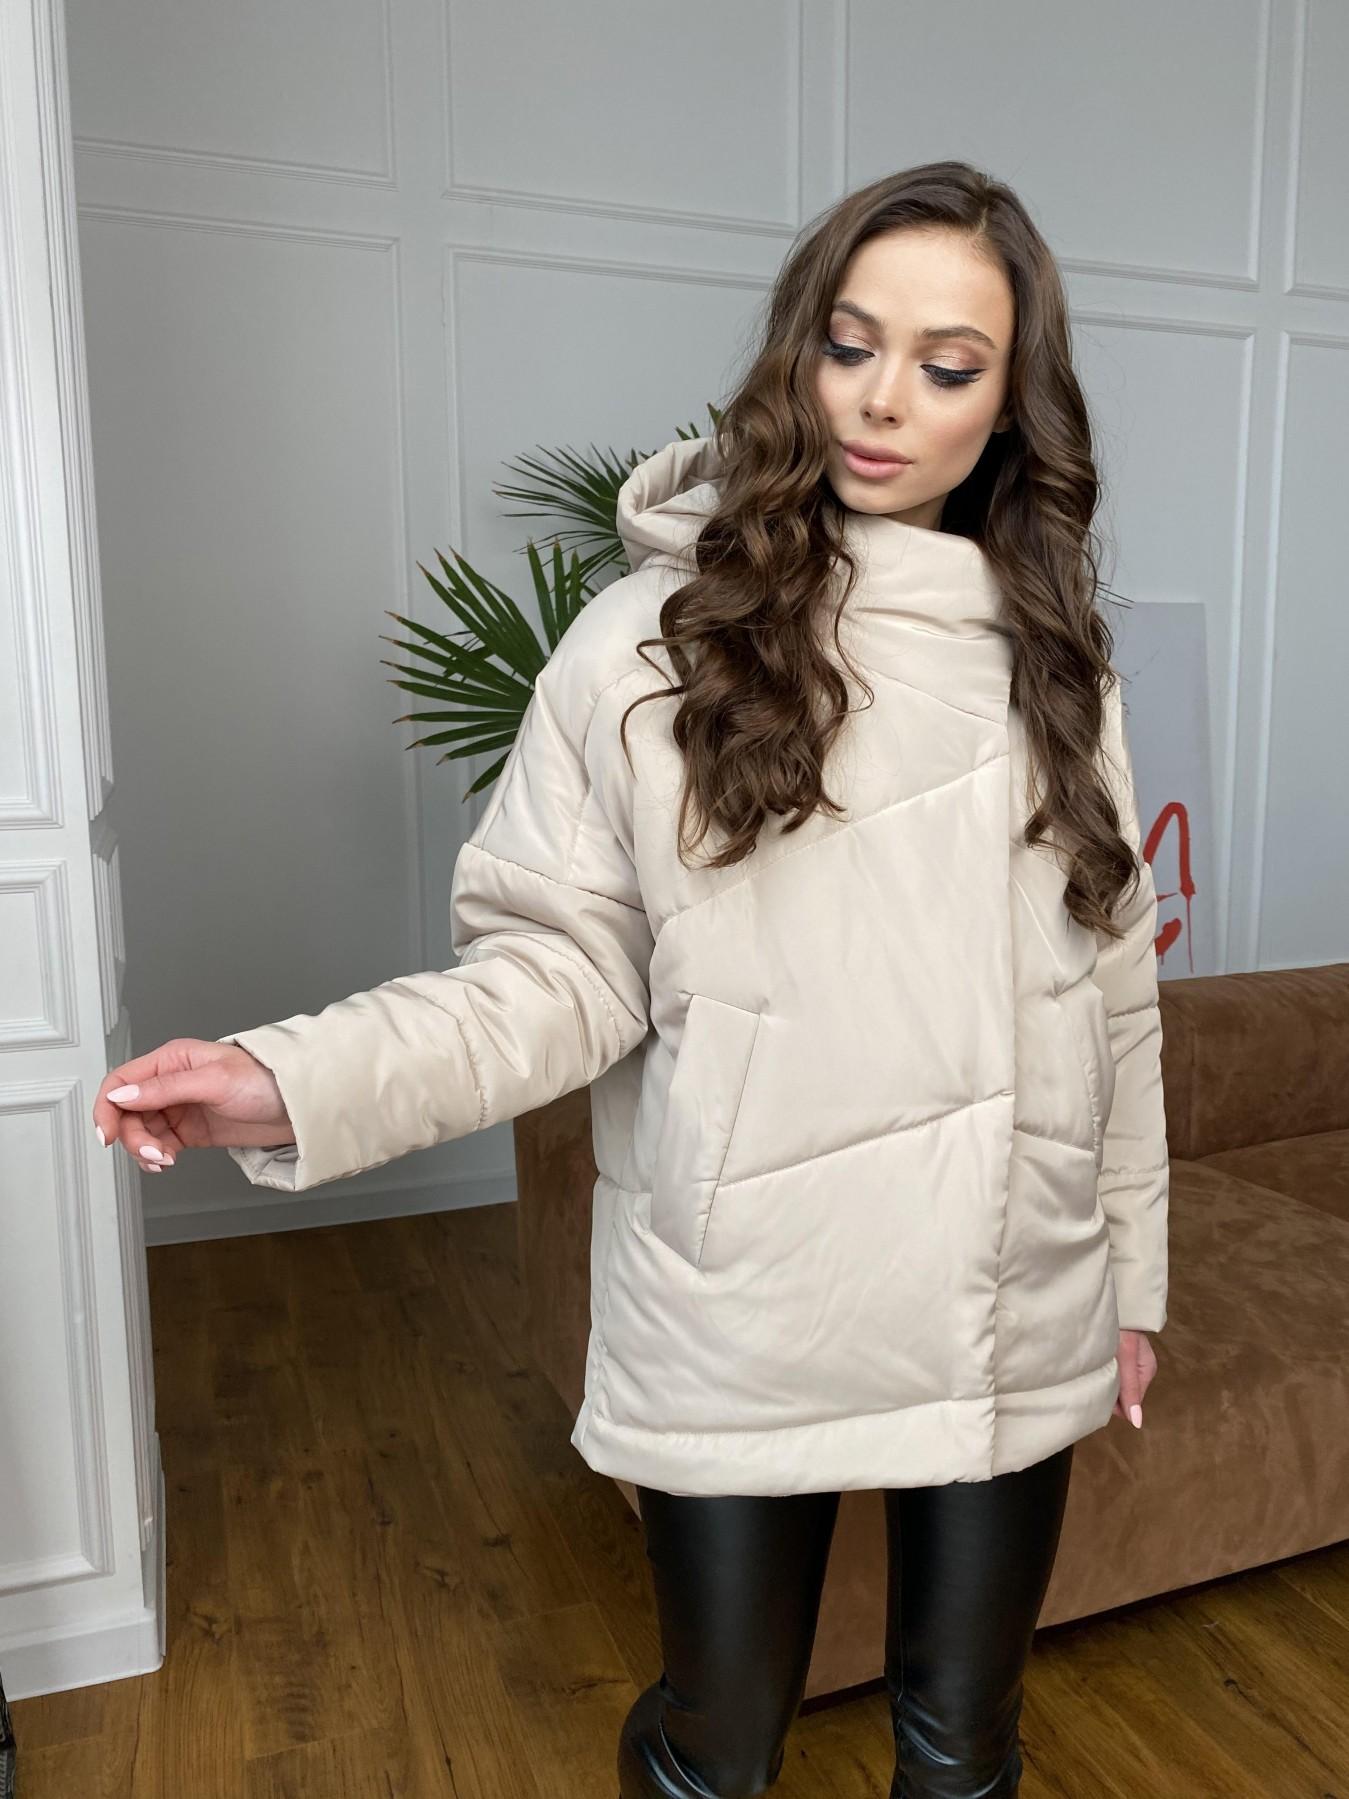 Уно куртка плащевка Ammy 10671 АРТ. 47476 Цвет: Бежевый - фото 3, интернет магазин tm-modus.ru